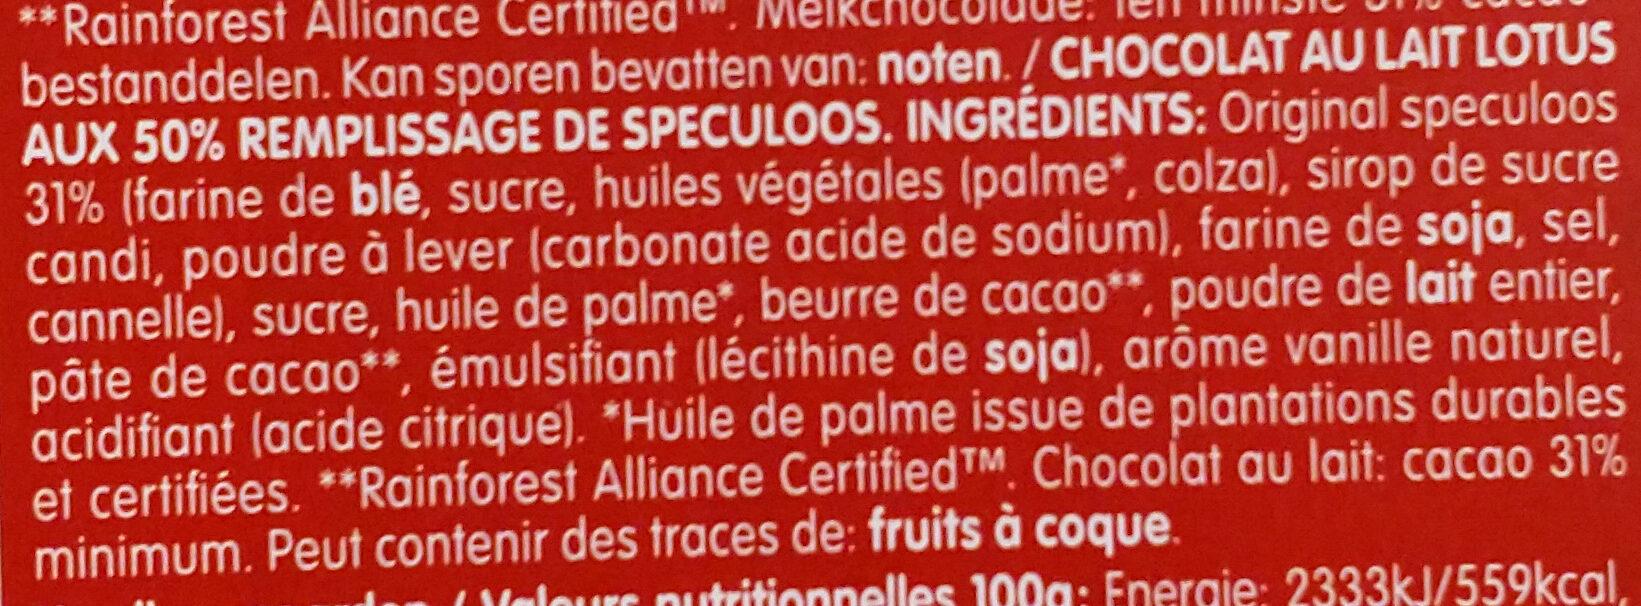 Lotus chocolat au lait - Ingrédients - fr